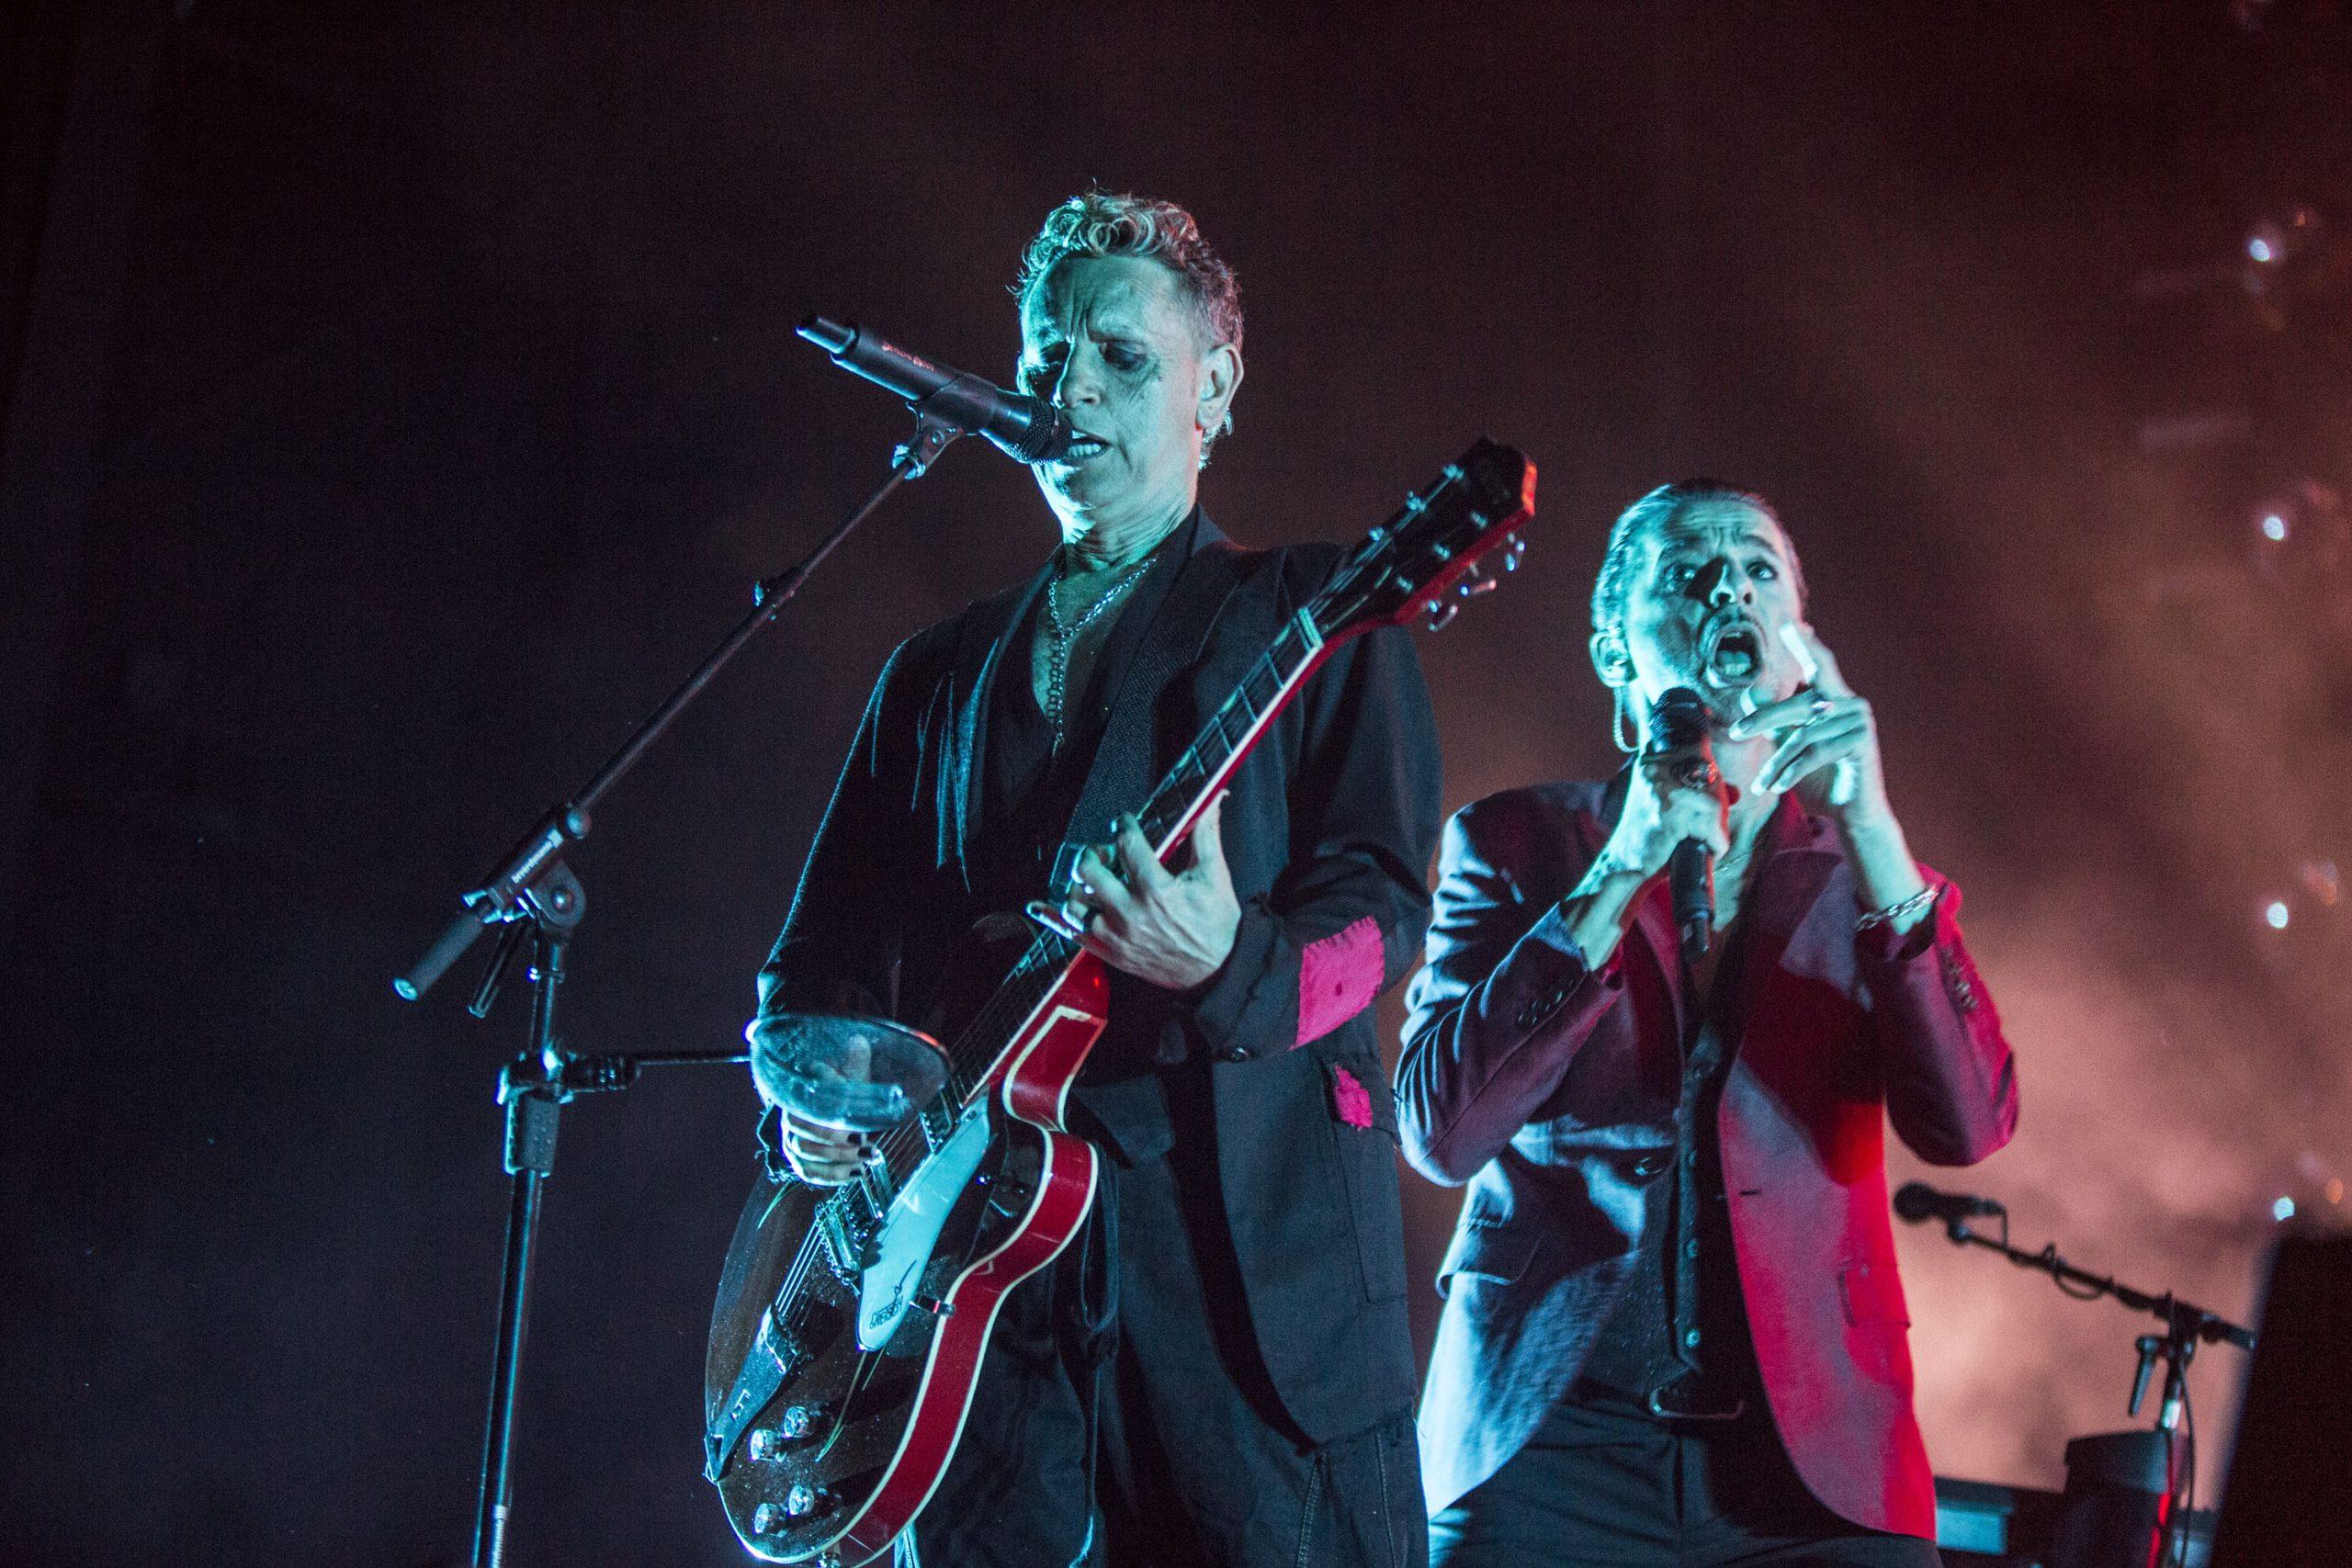 ¡Martin Gore de Depeche Mode lanzará un nuevo EP en 2021!